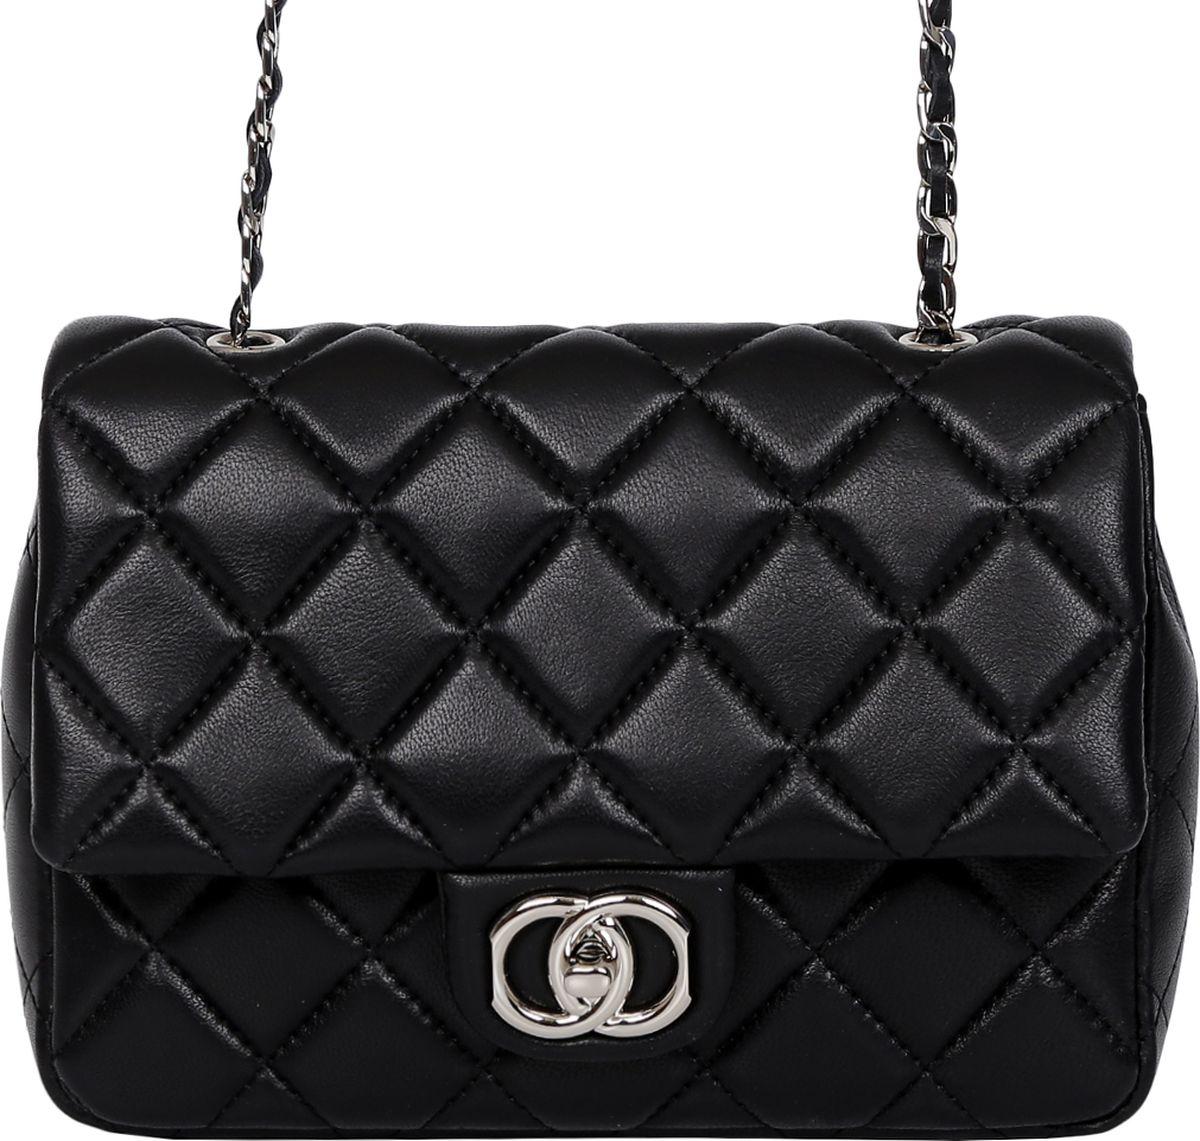 Сумка женская Palio, цвет: черный. 14252A-W2-018/01814252A-W2-018/018 blackСтильная женская сумка Palio выполнена из натуральной кожи, которая имеет мягкую фактуру. Классический черный цвет, модная геометрическая строчка и плечевой ремень в виде изысканной цепочки с легкостью дополнят любой современный образ. Внутри изделия вы сможете разместить женские мелочи с помощью двух вместительных карманов. Удобный декоративный замок и изящная фурнитура в серебряном оттенке сделают вас неотразимой в любой кампании. Изделие очень компактно и не вмещает документы и папки формата А4.